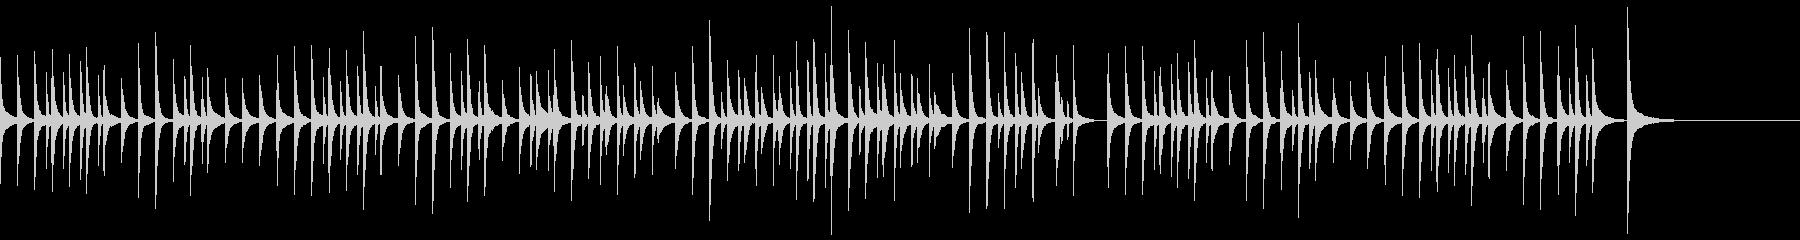 軽快で可愛らしい映像用木琴BGMの未再生の波形